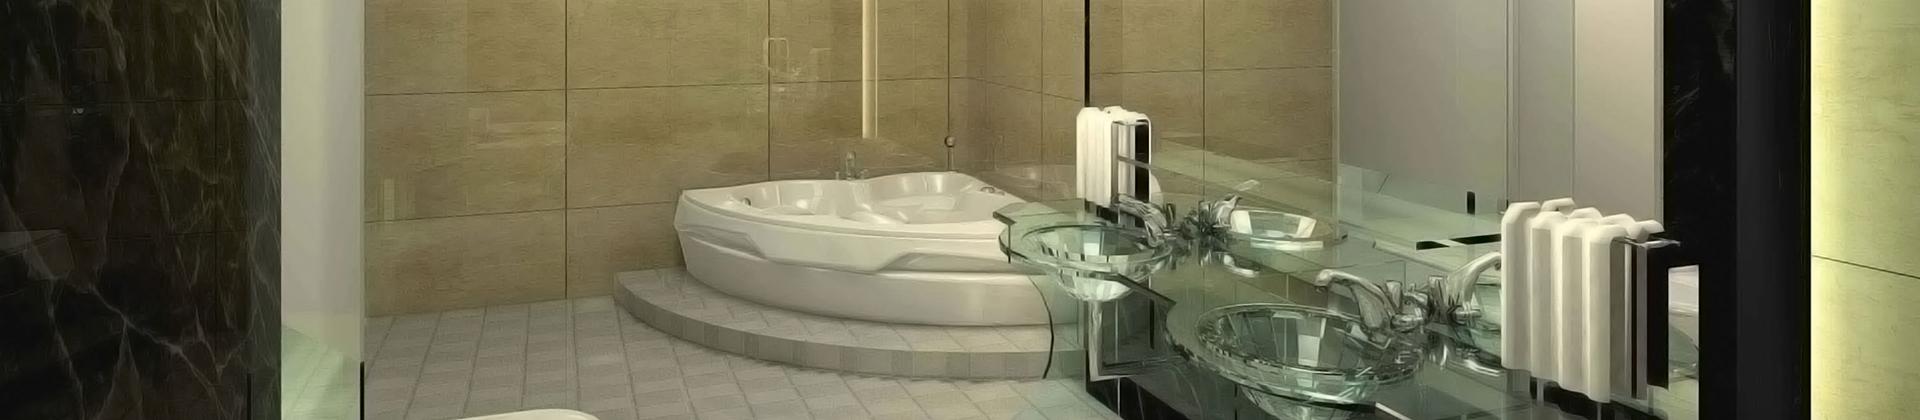 淋浴房滑轮